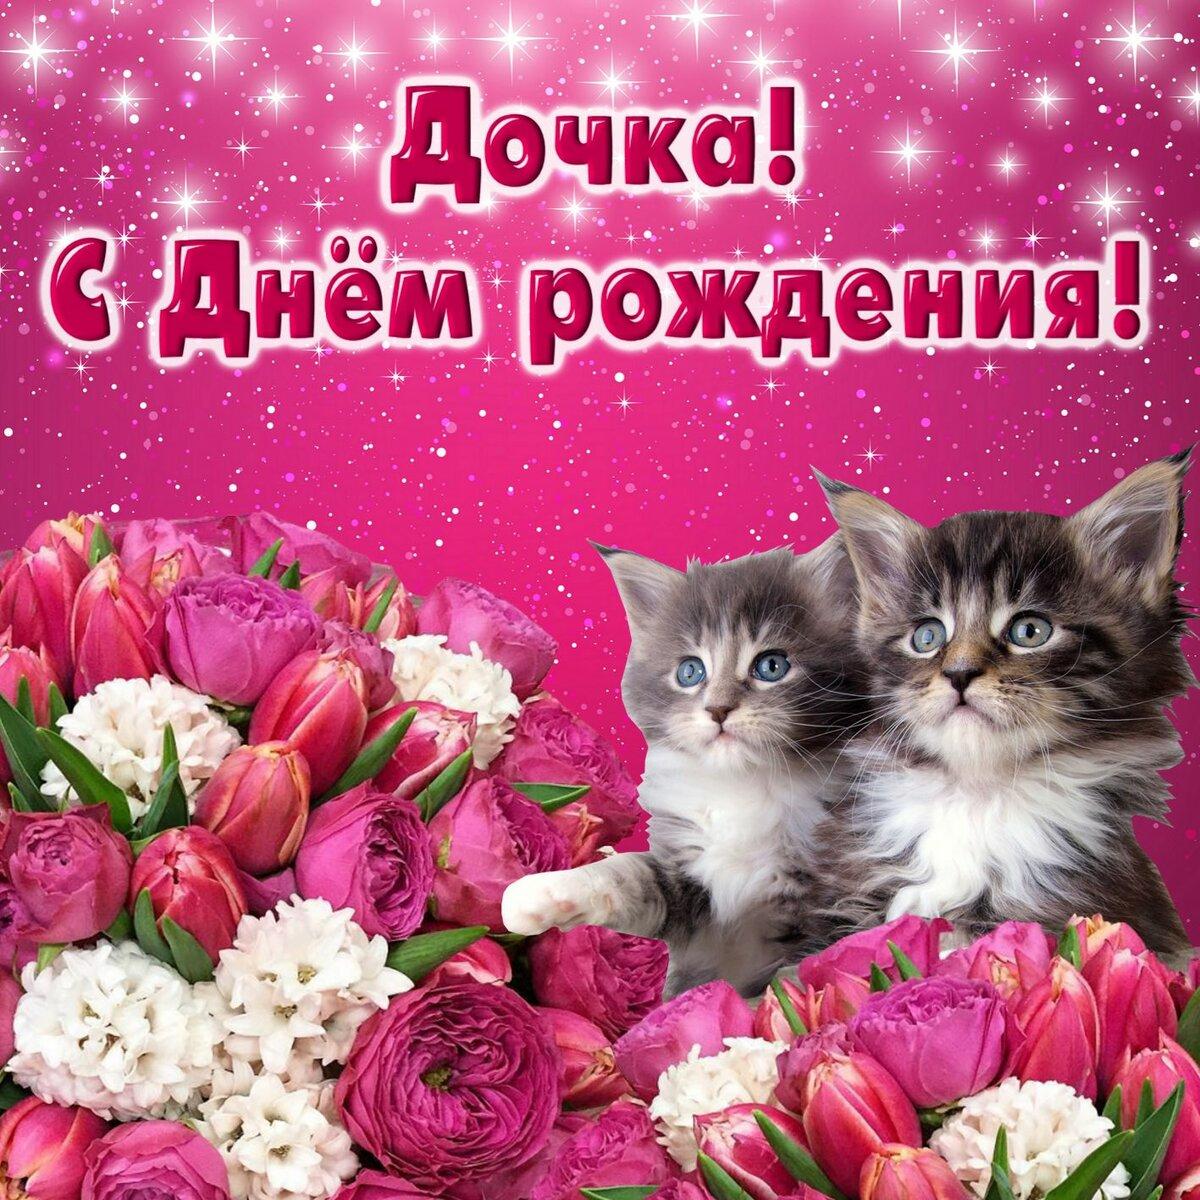 температуры открытки в день рождения дочке с котятами когда